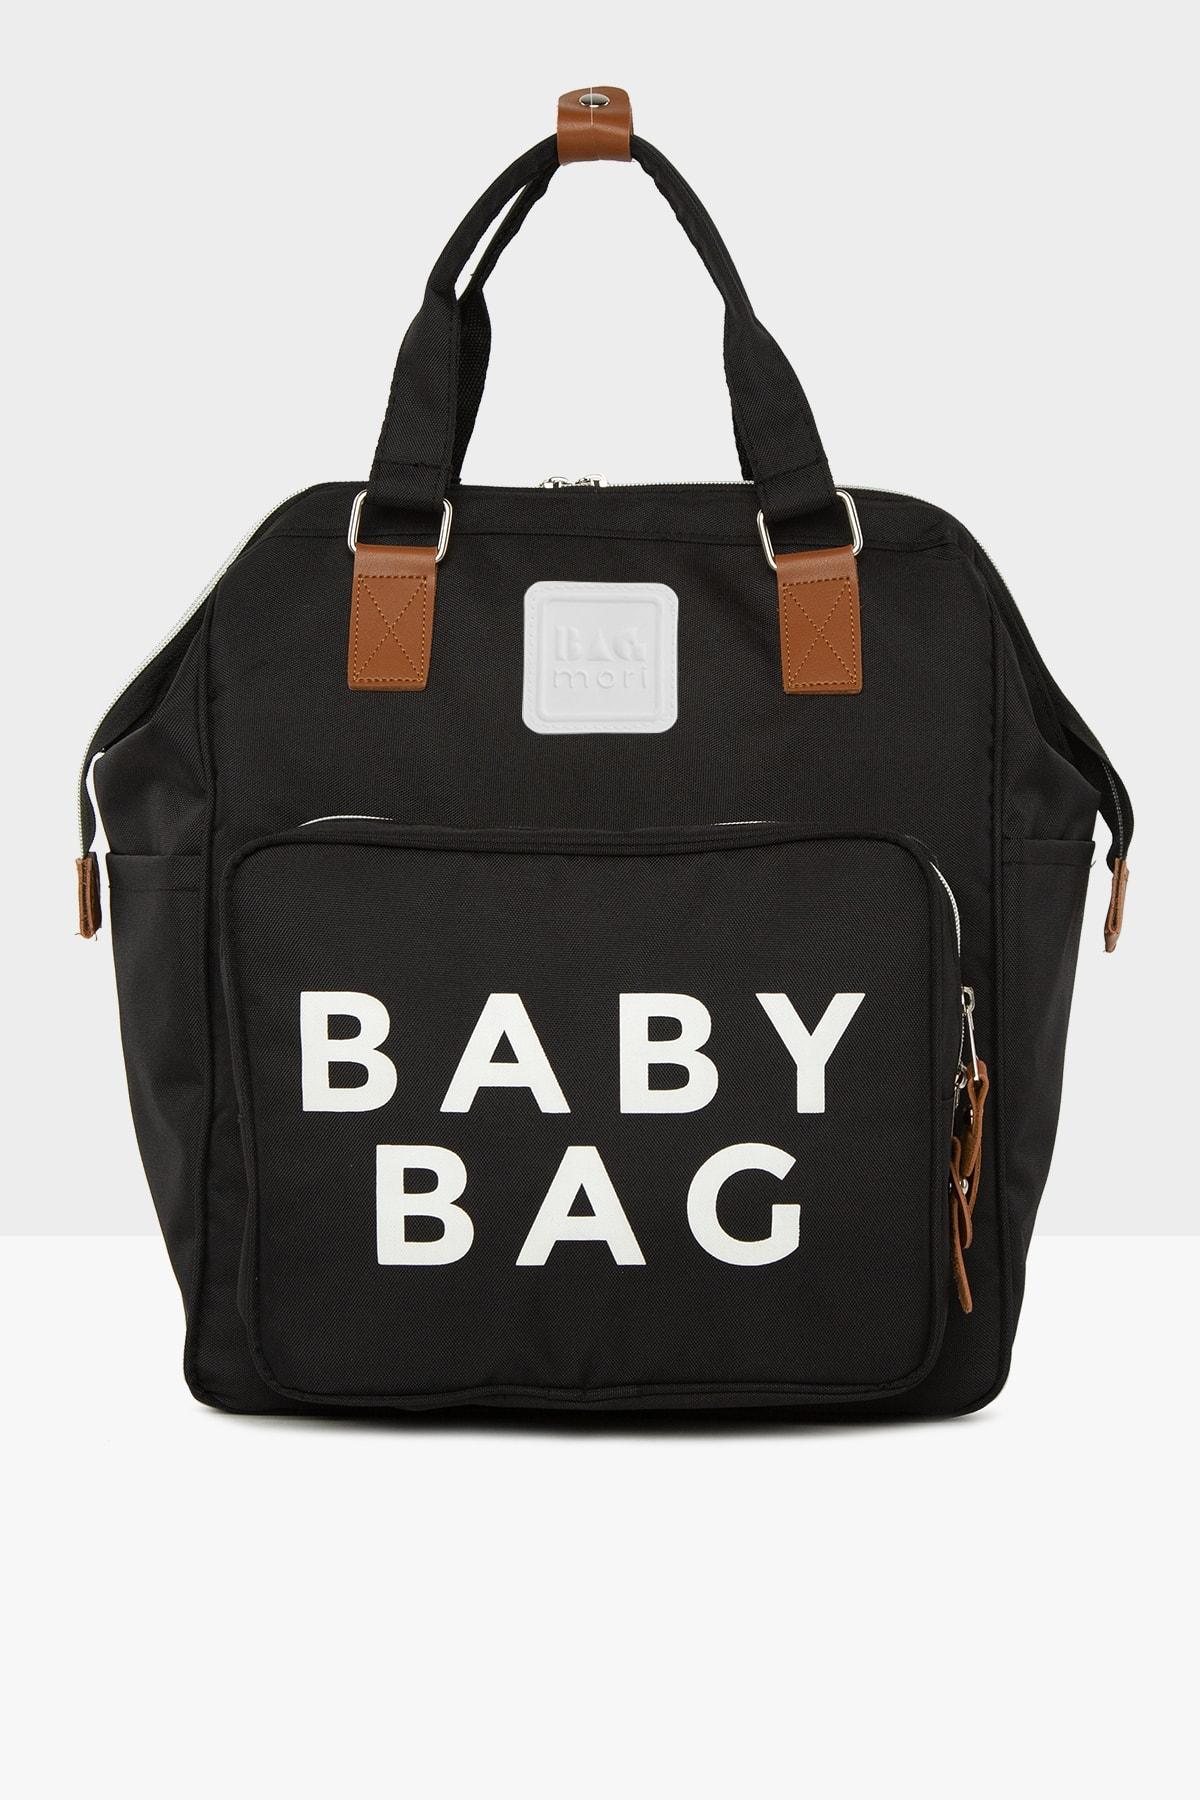 Bagmori Siyah Baby Bag Baskılı Cepli Anne Bebek Bakım Sırt Çantası M000005163